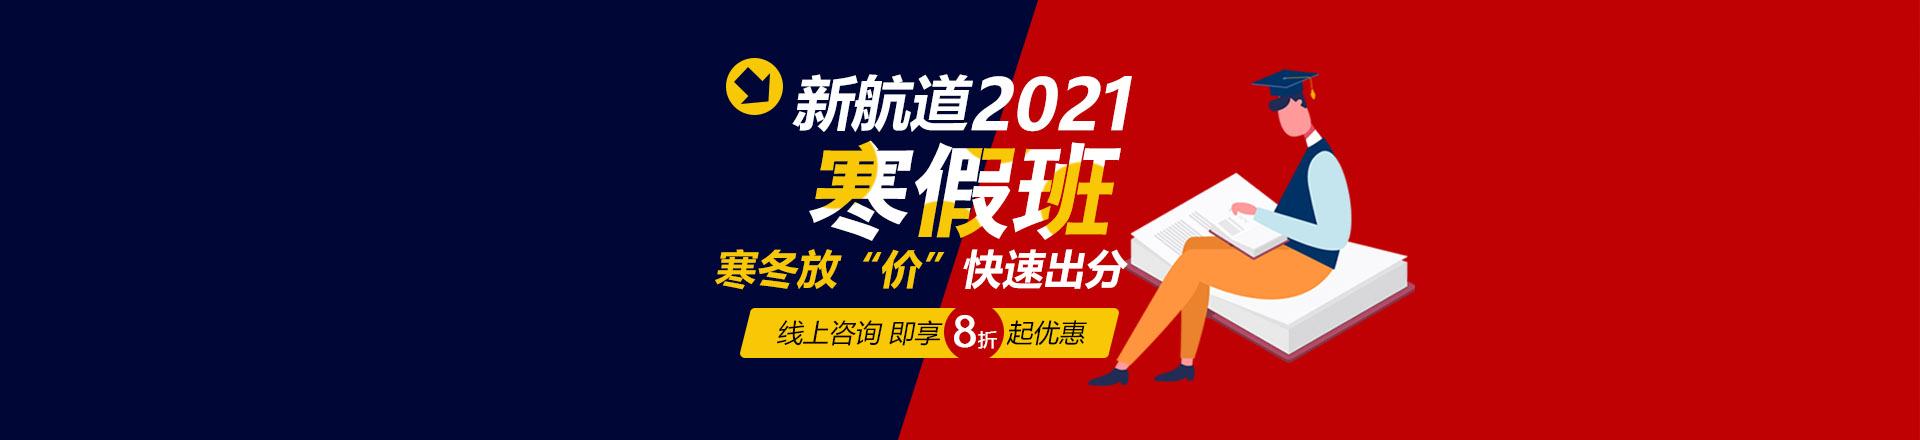 2020年雅思/托福/SAT/GRE寒假班